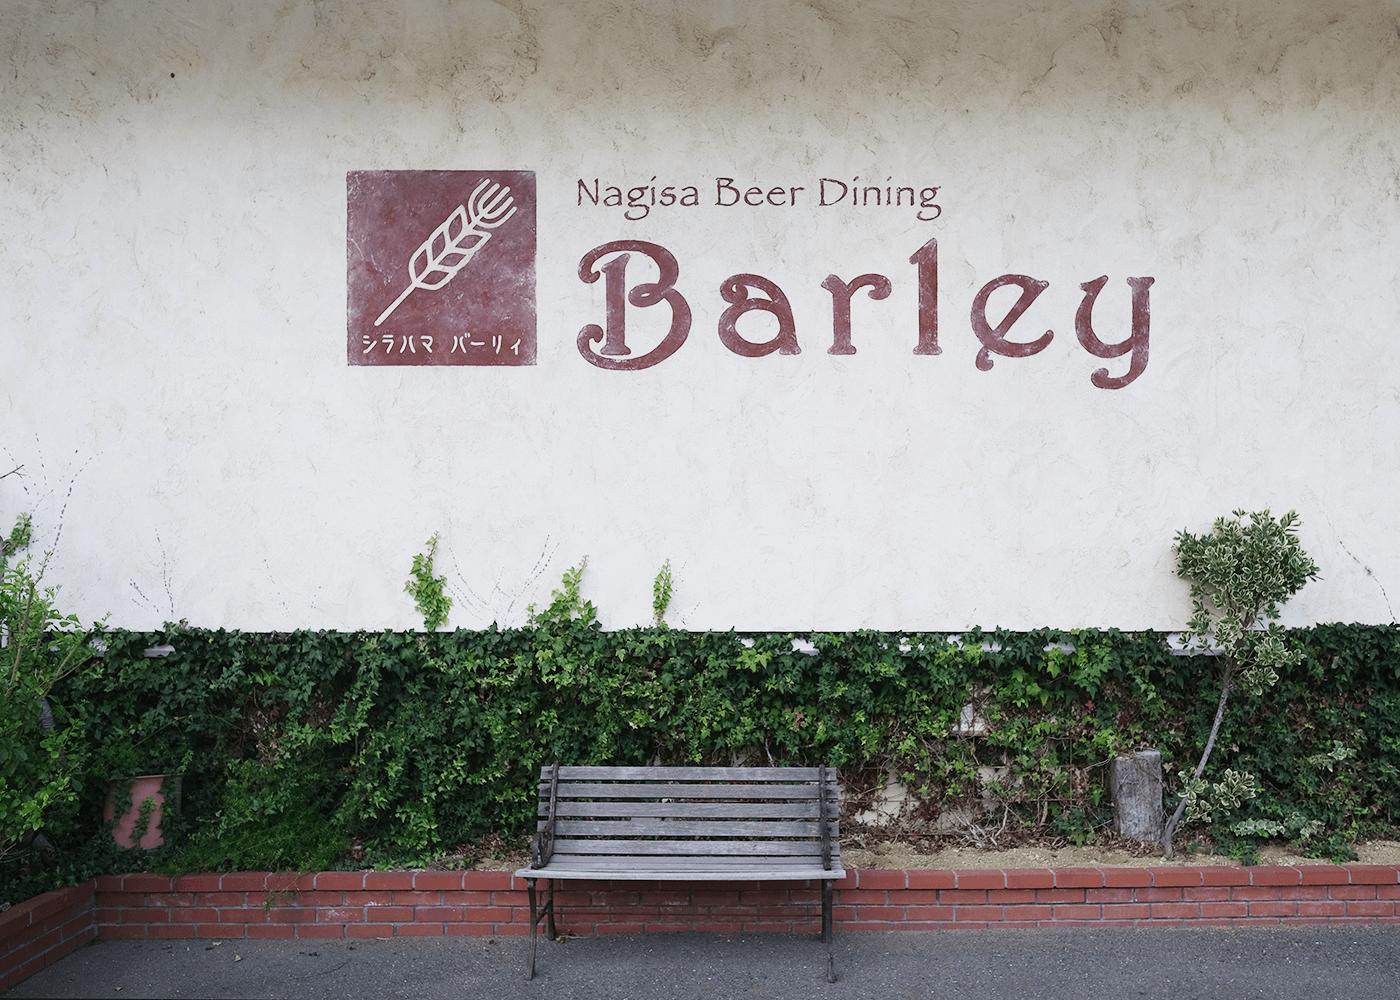 ナギサビールダイニング 『Barley』(バーレー)